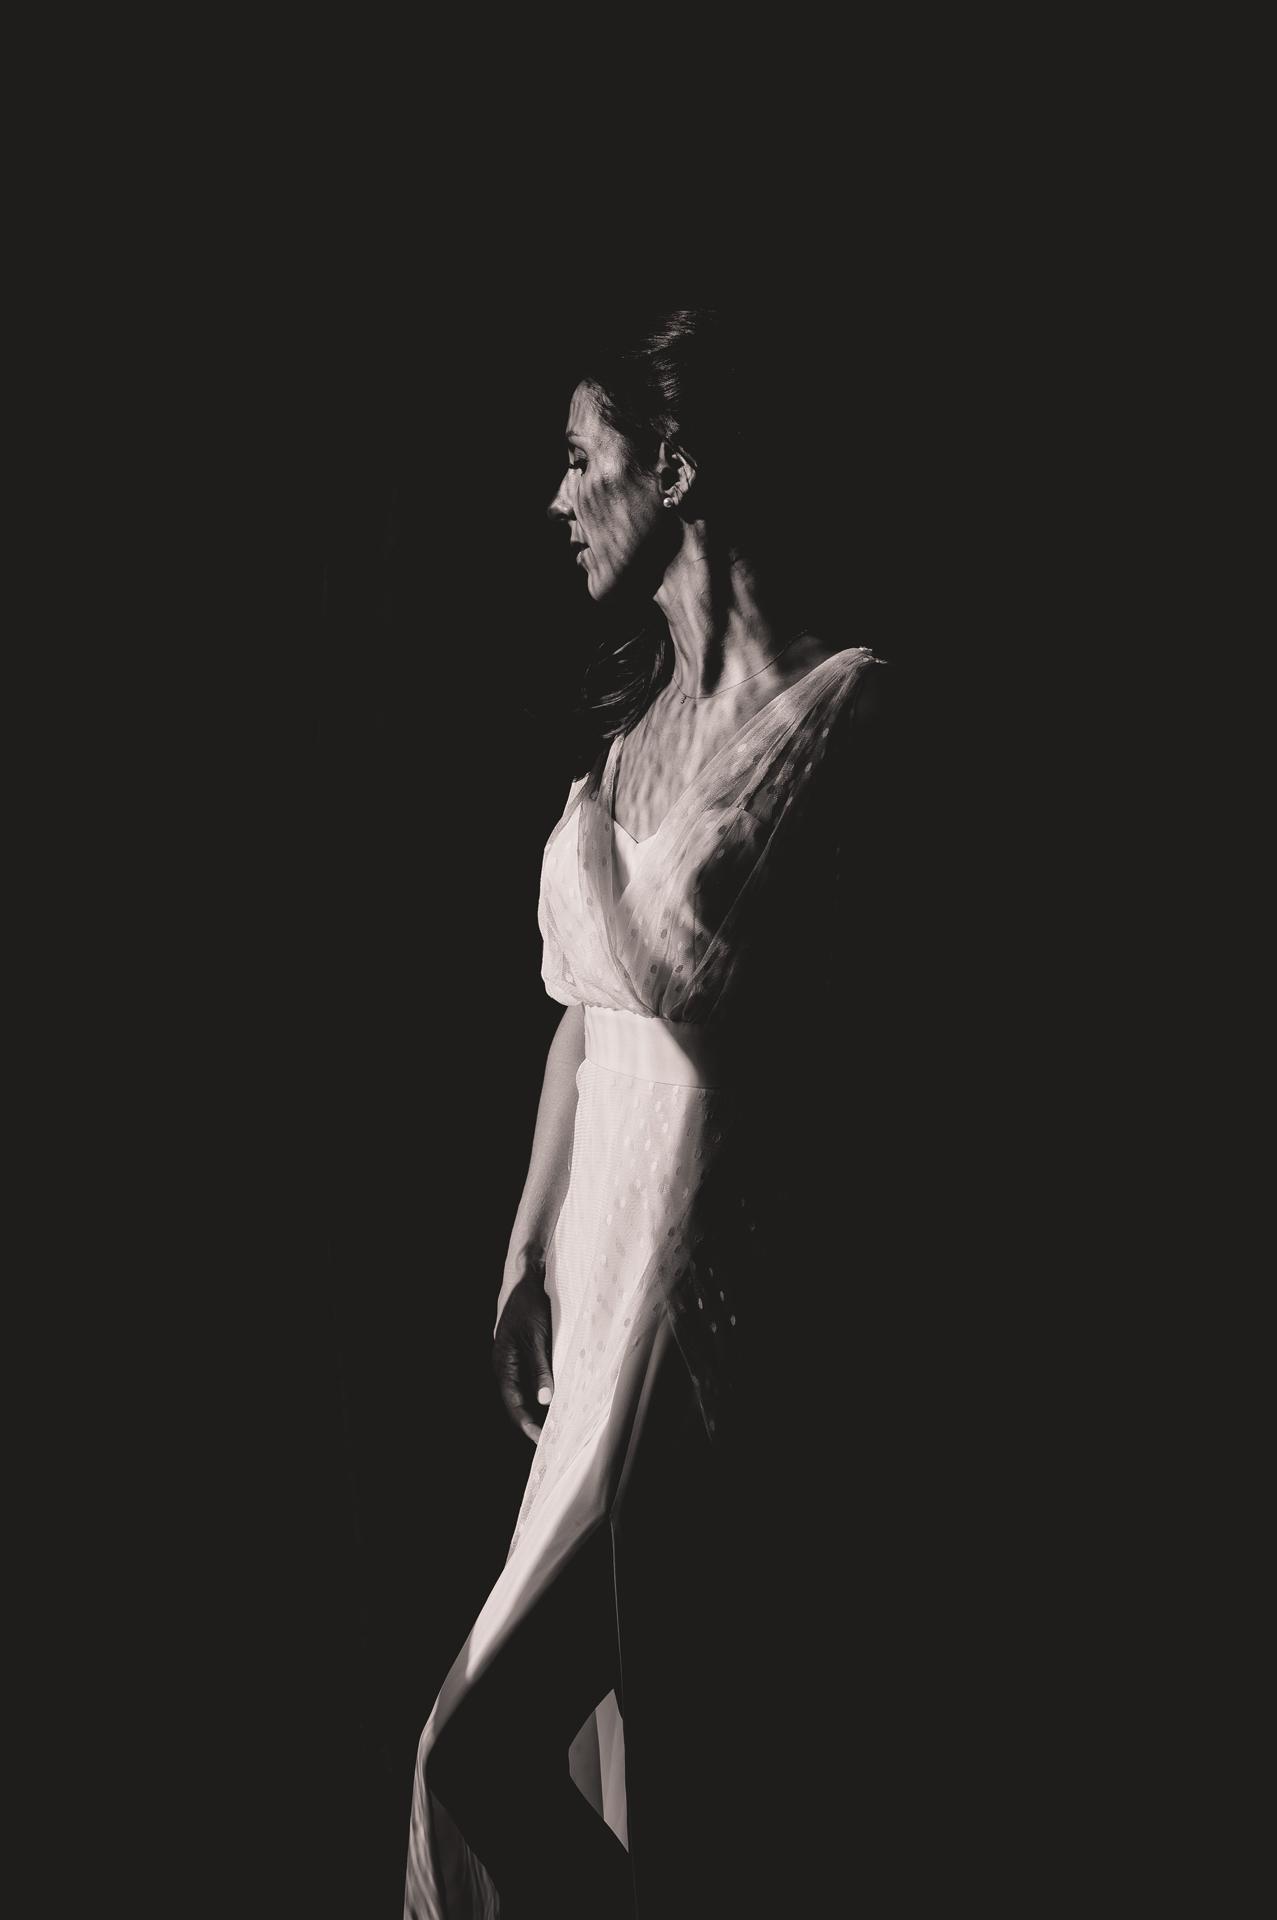 法国婚礼摄影师| 新娘摆出阳光普照的肖像